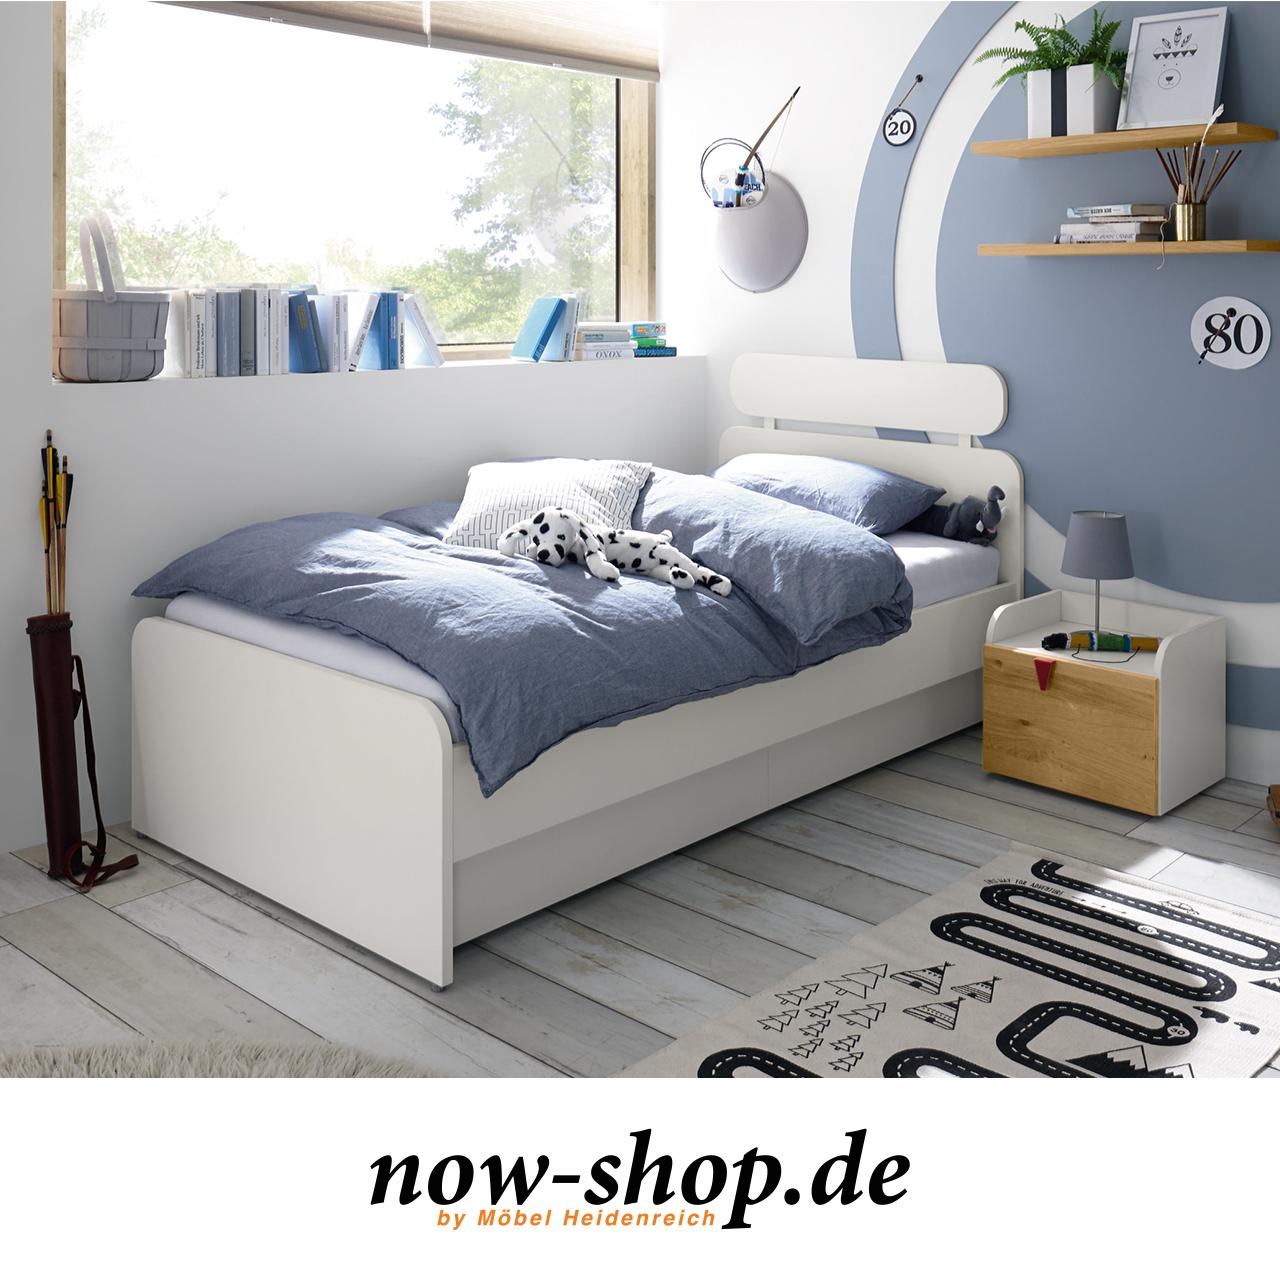 Full Size of Hülsta Bett überlänge Roba Weiß 120x200 Wohnwert Betten Bette Floor Bei Ikea 200x200 Einzelbett Dormiente Düsseldorf Mit Matratze Und Lattenrost Bett Hülsta Bett